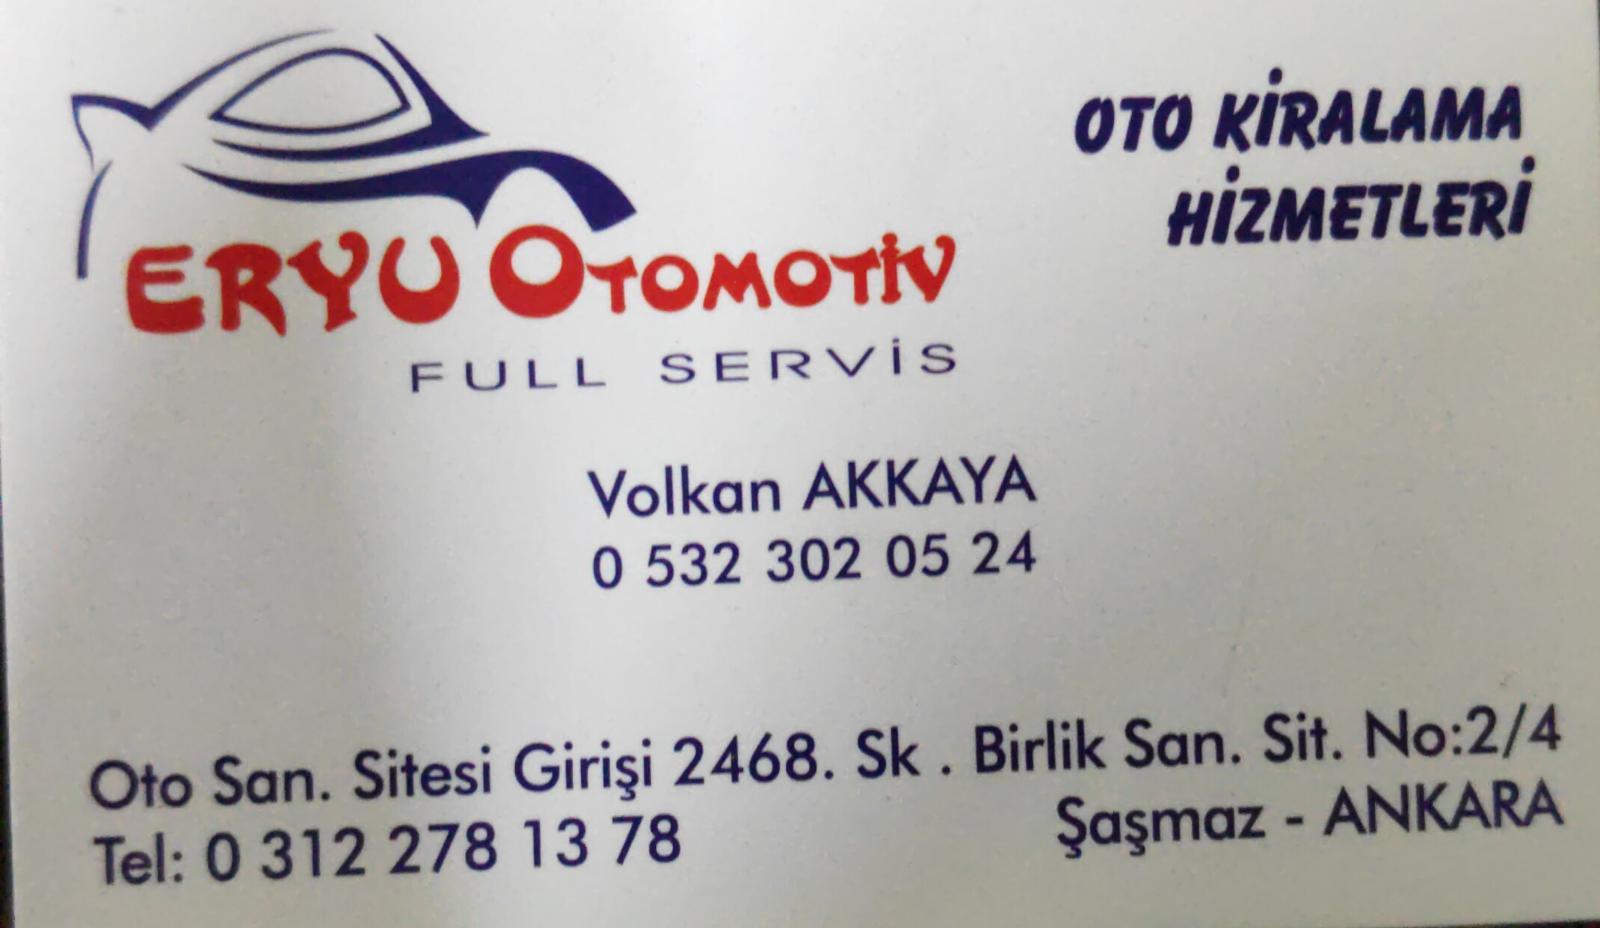 Eryu Otomotiv